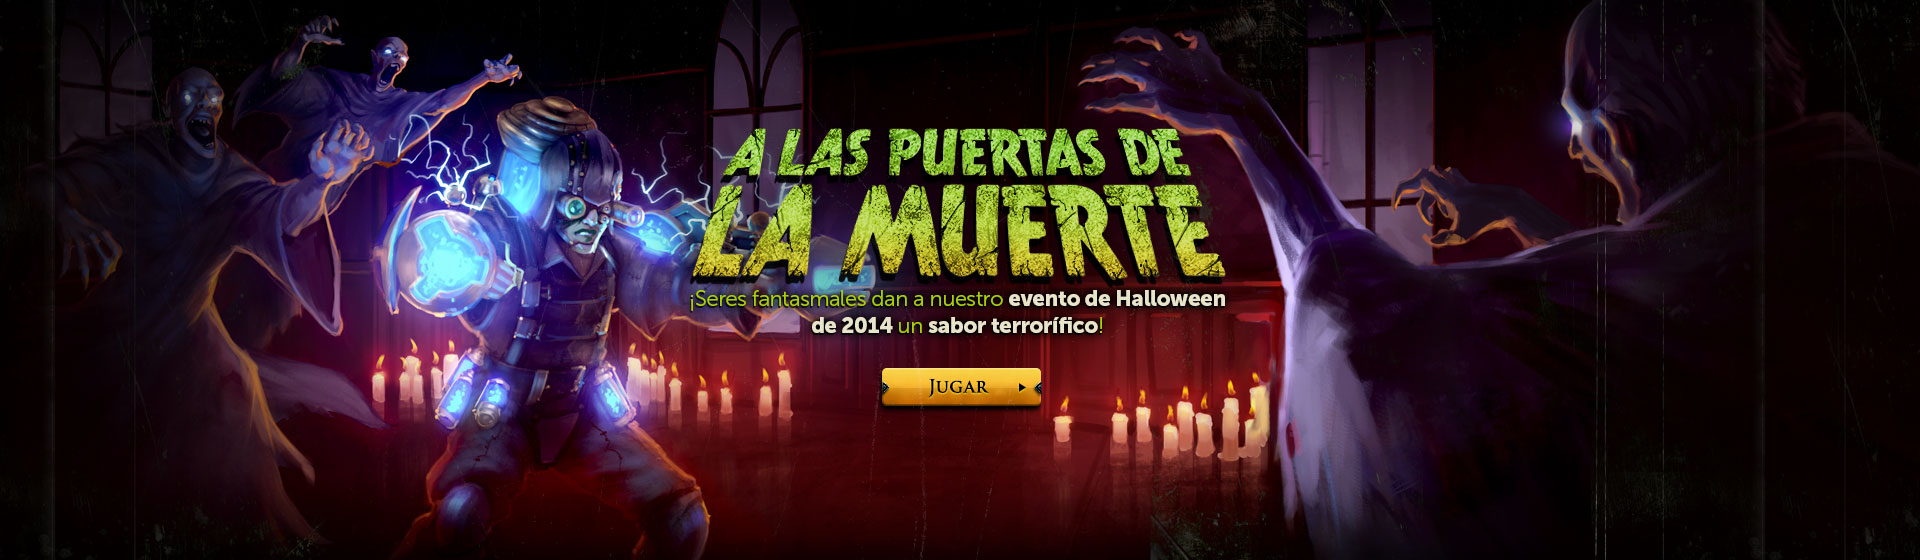 Evento de Halloween 2014